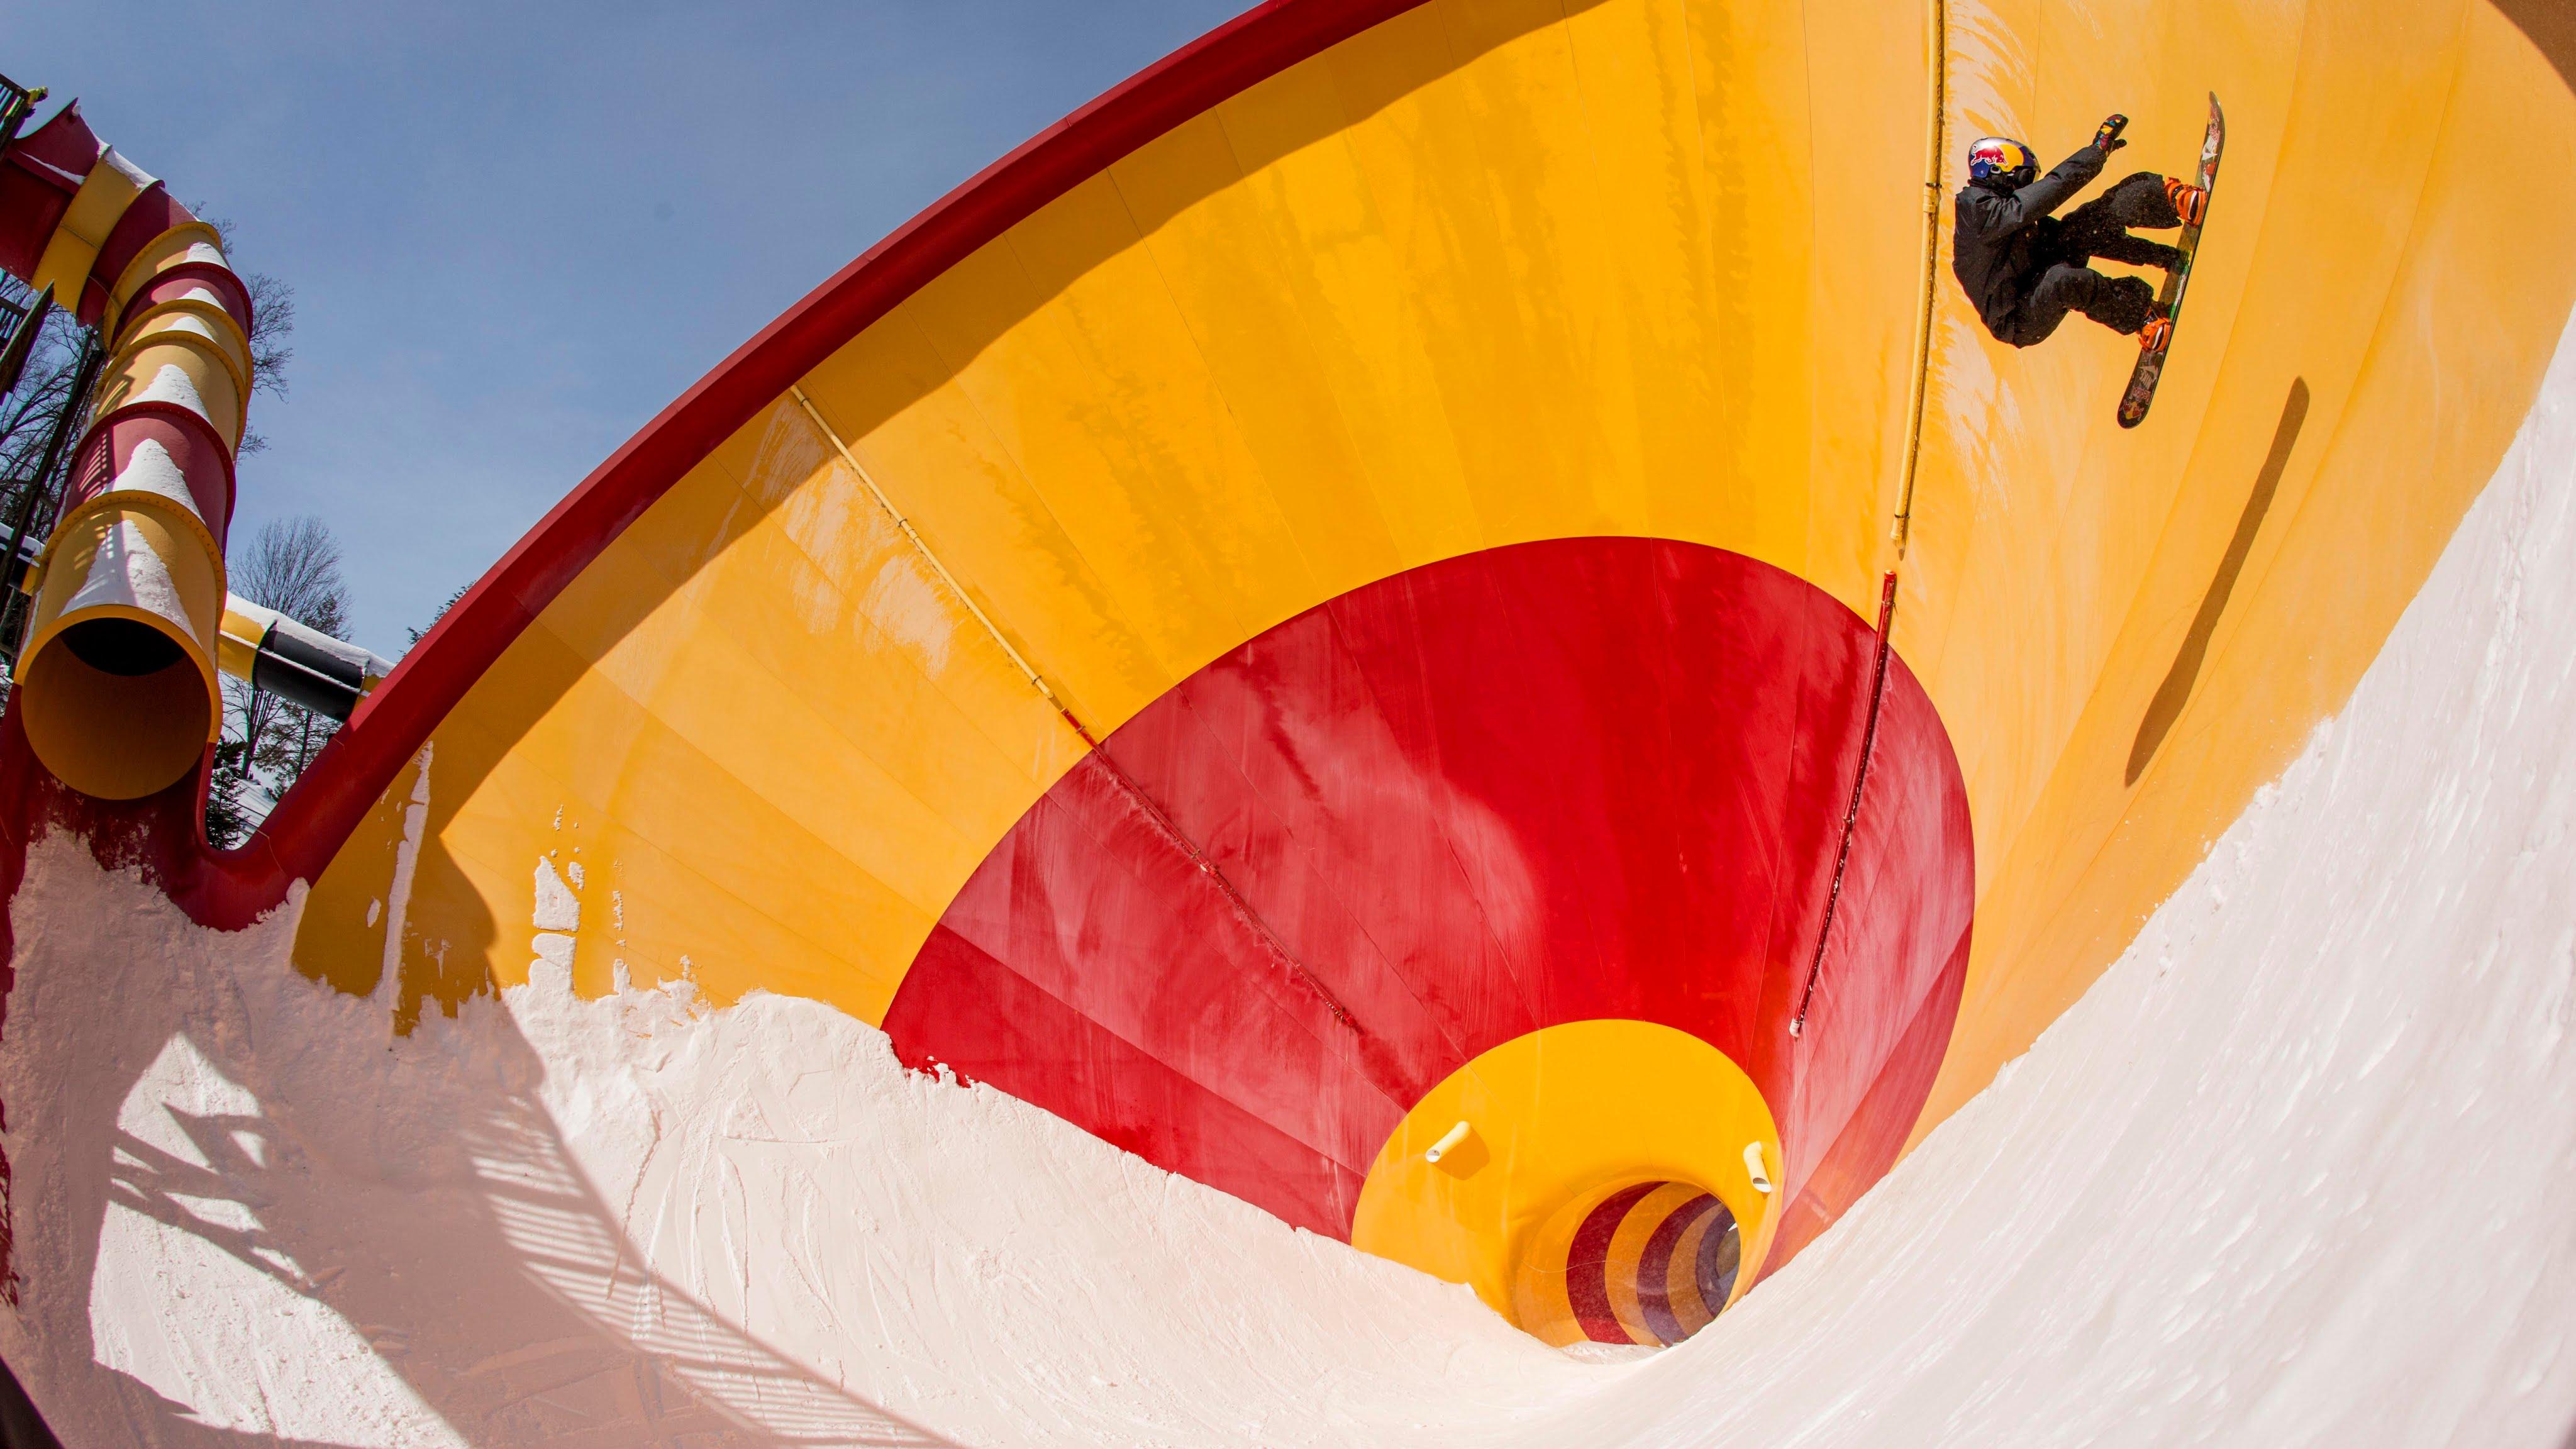 ここまで滑れたら楽しそう! 様々な場所をスノボで滑走!